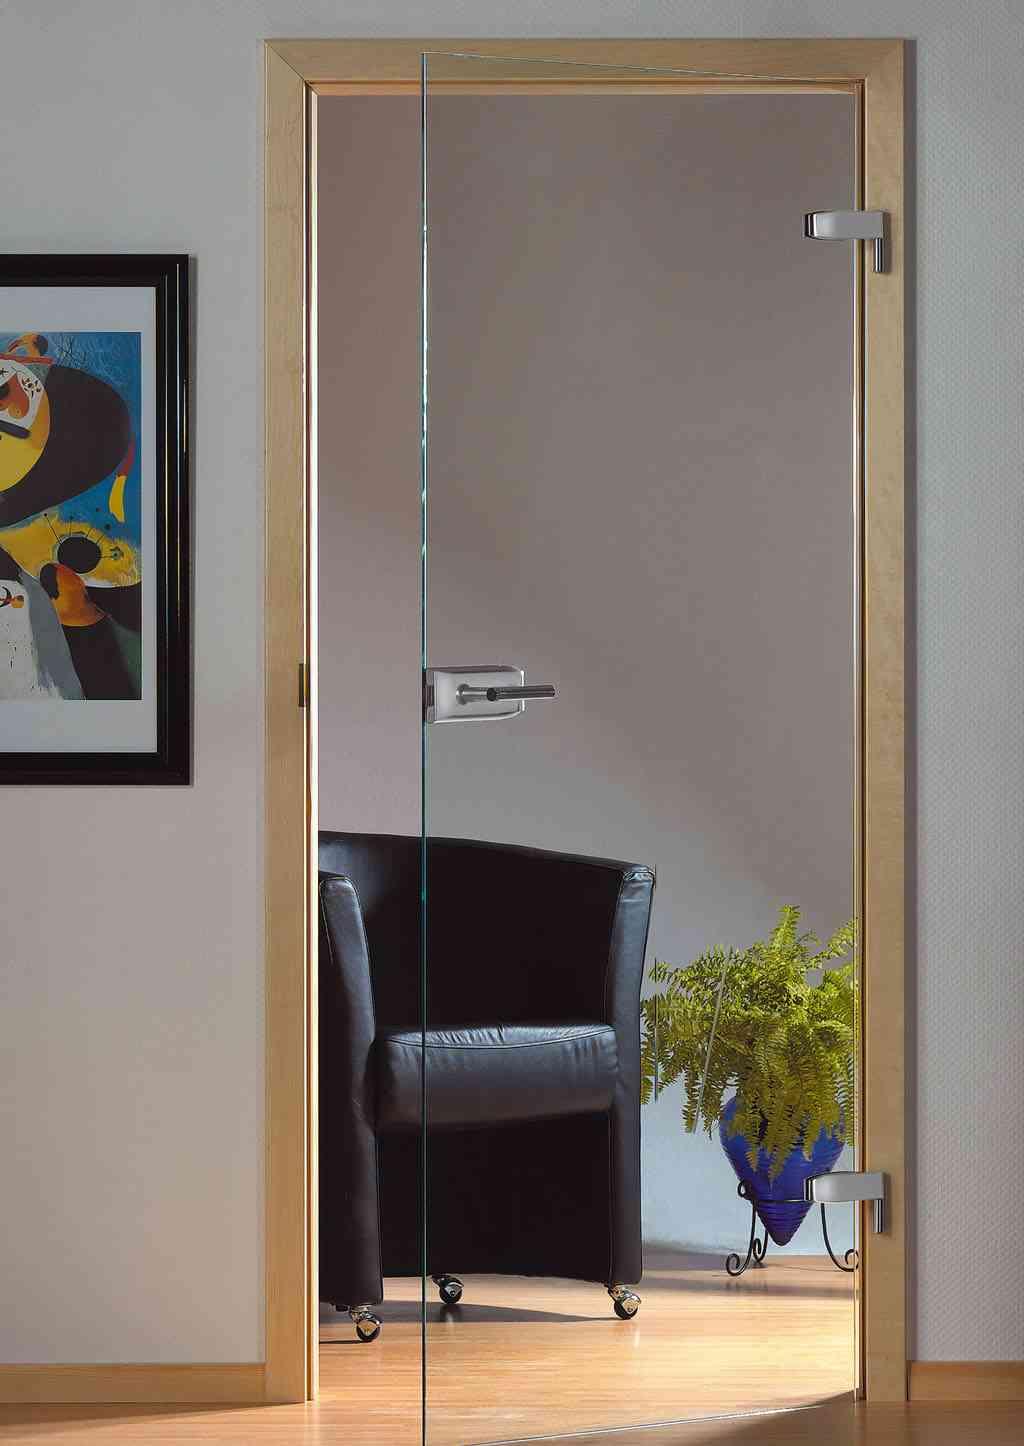 Tipos de puertas y cerramientos decoraci n de interiores - Puertas de cristal para interiores ...